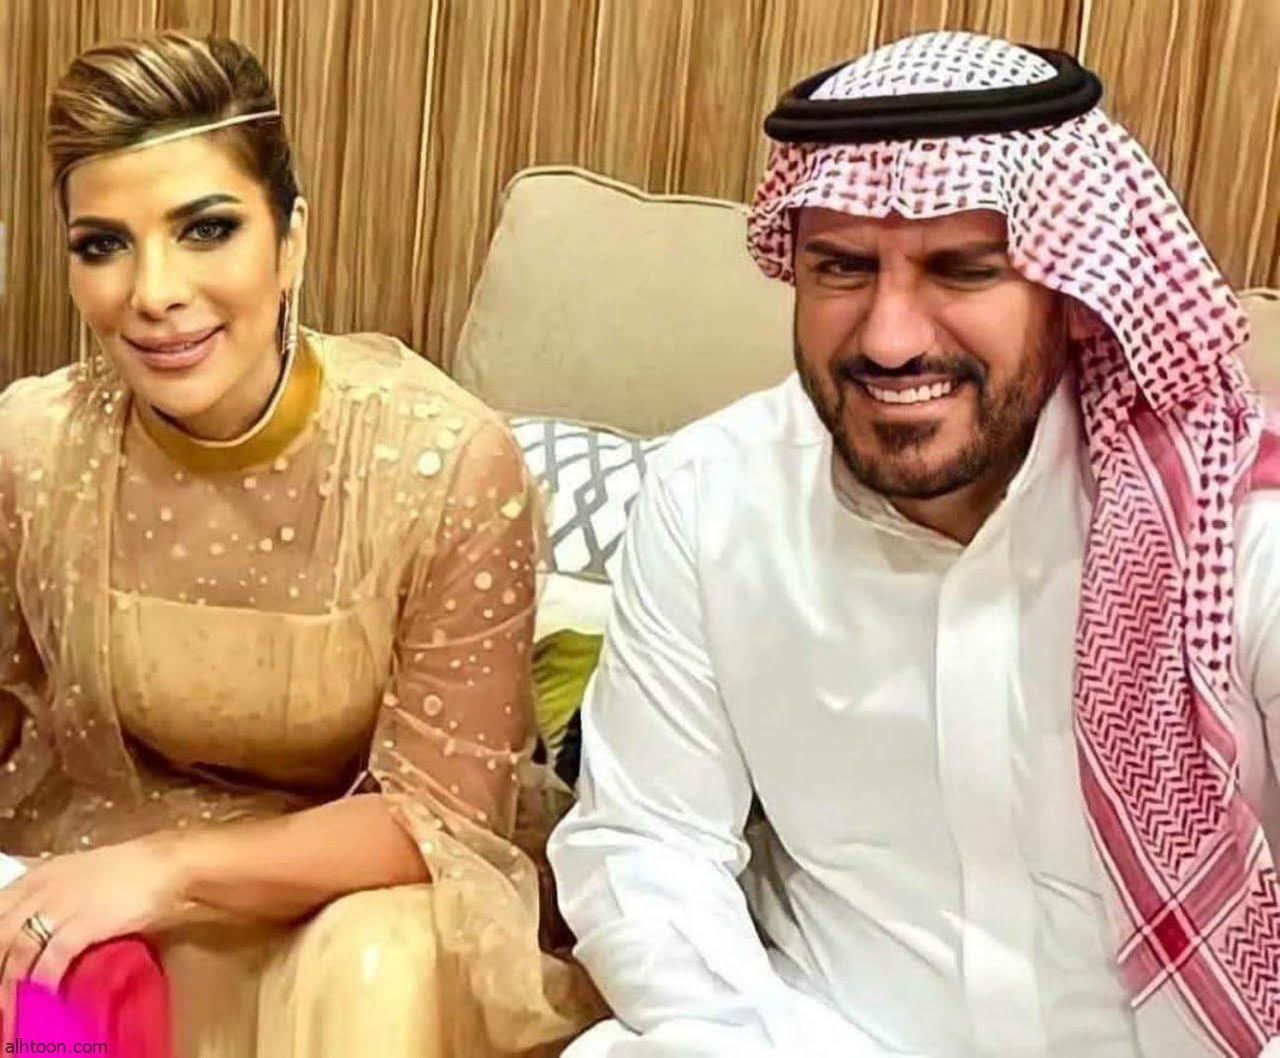 فائق حسن يتغزل في زوجته أصالة - صحيفة هتون الدولية